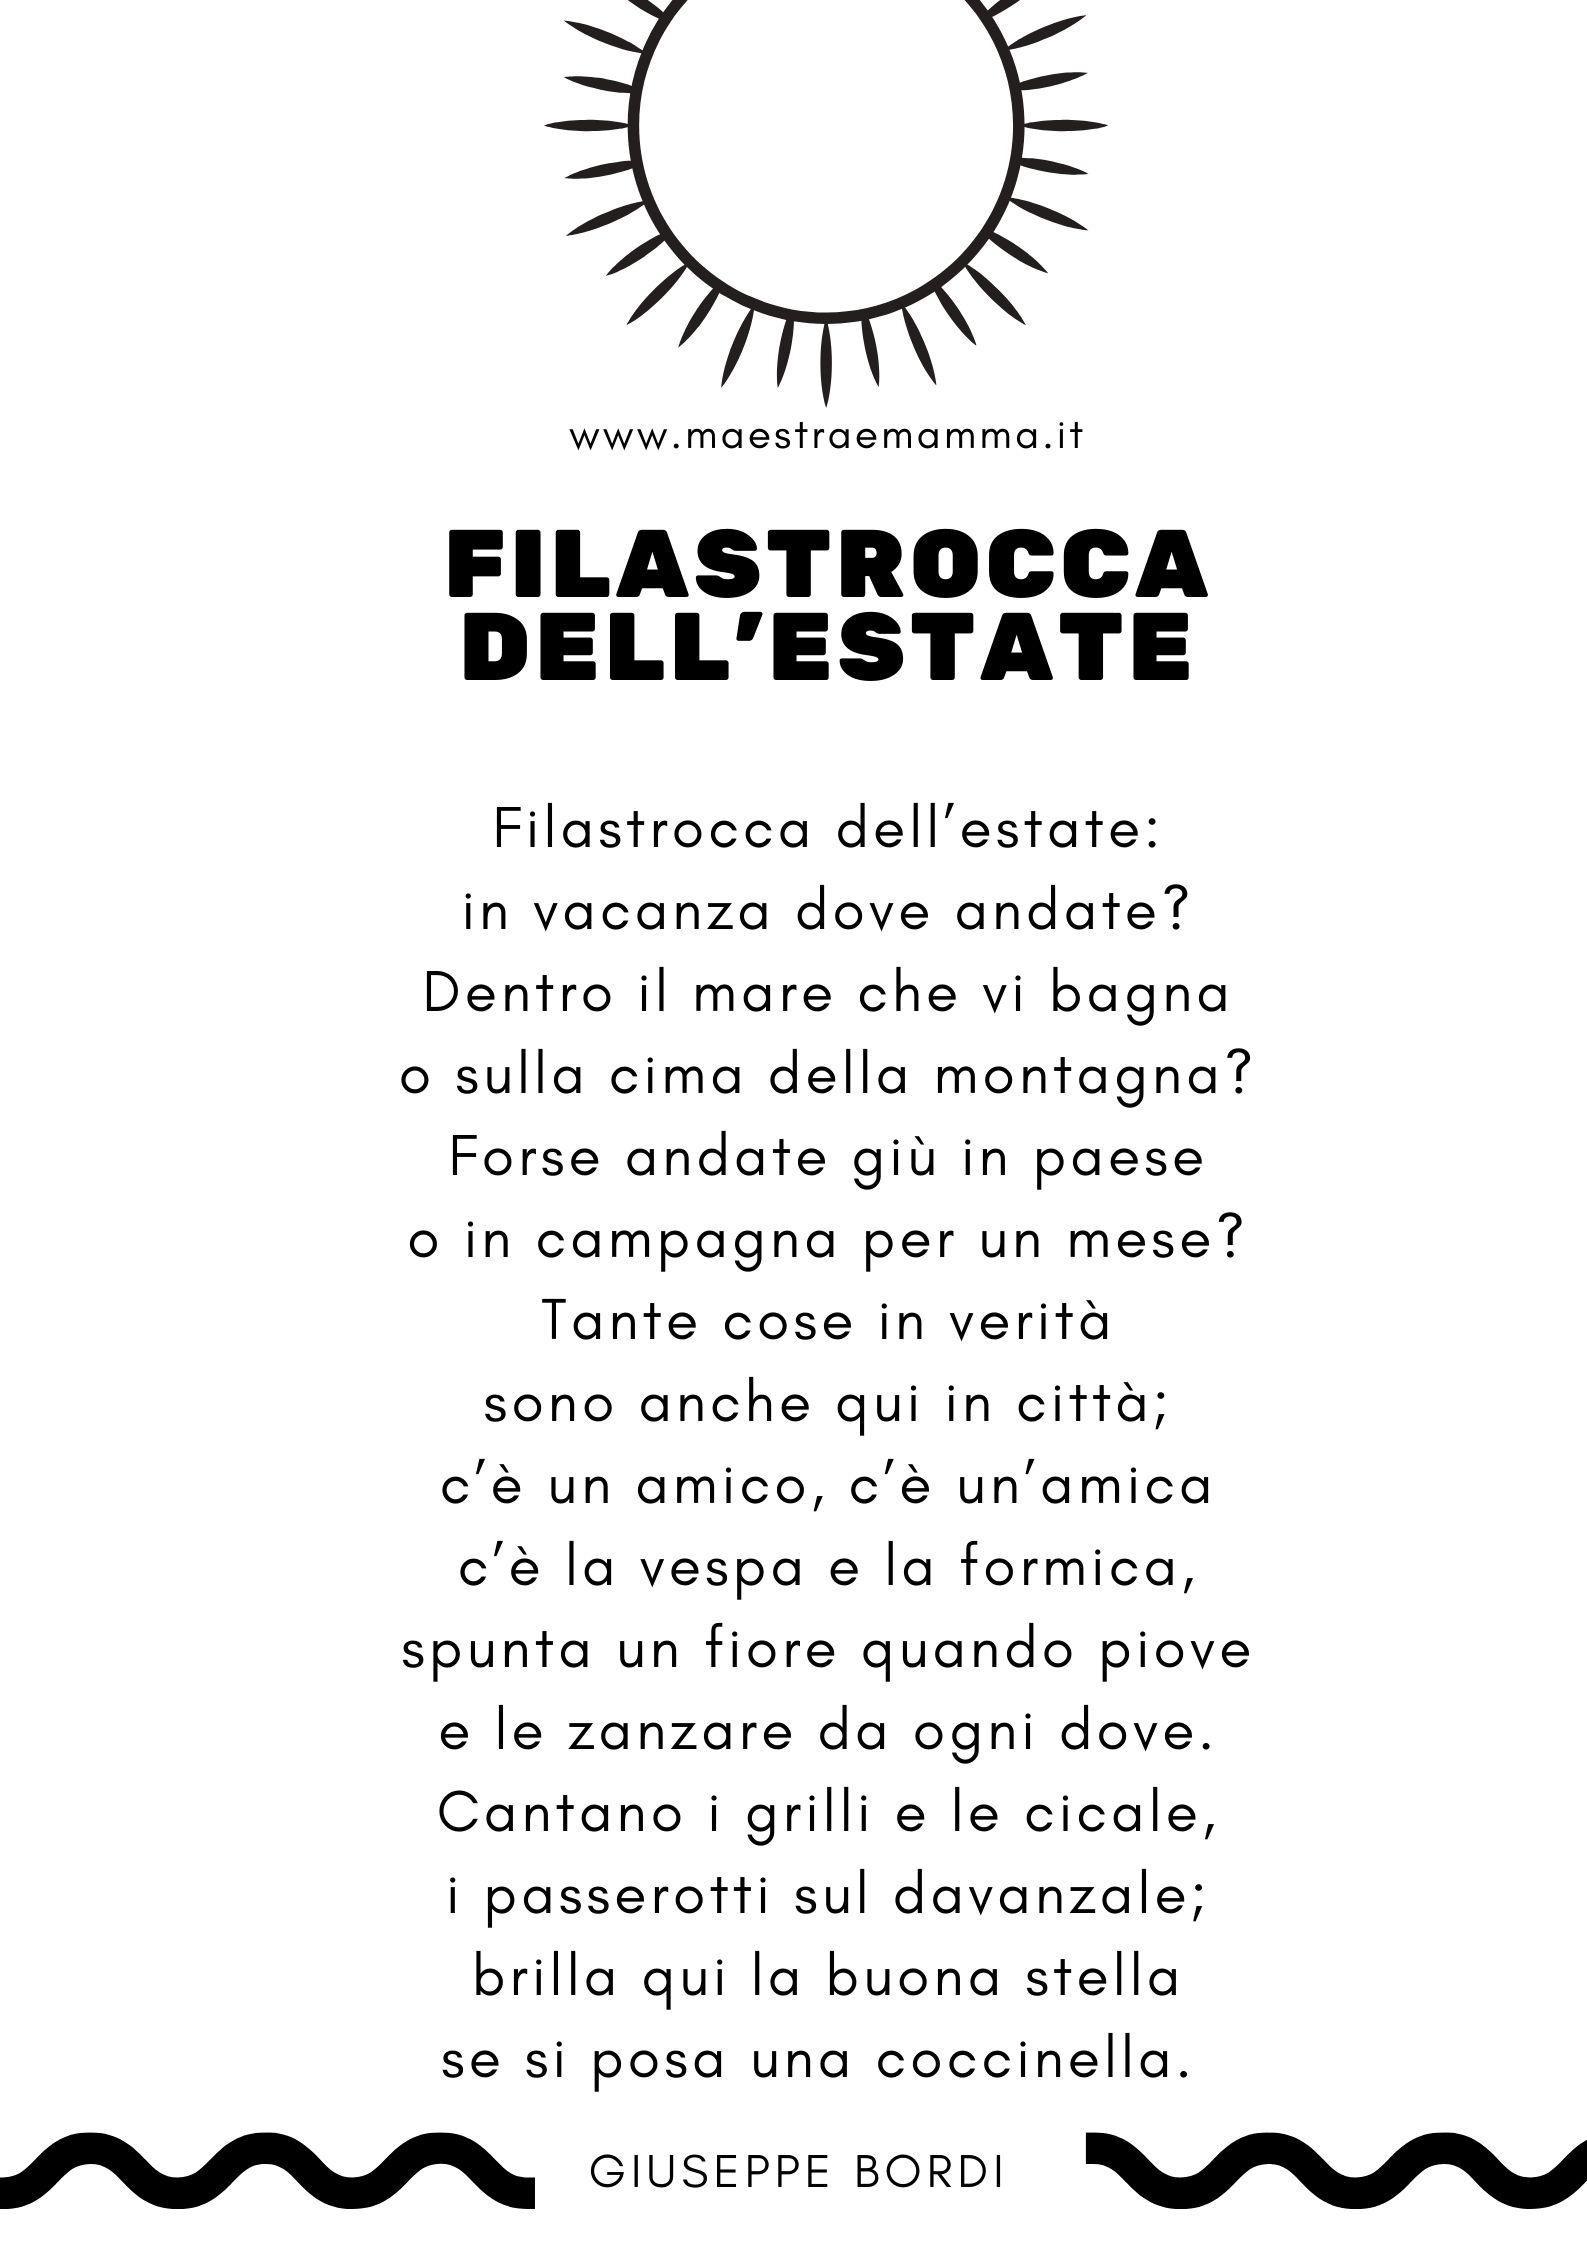 poesia filastrocca estate giuseppe bordi